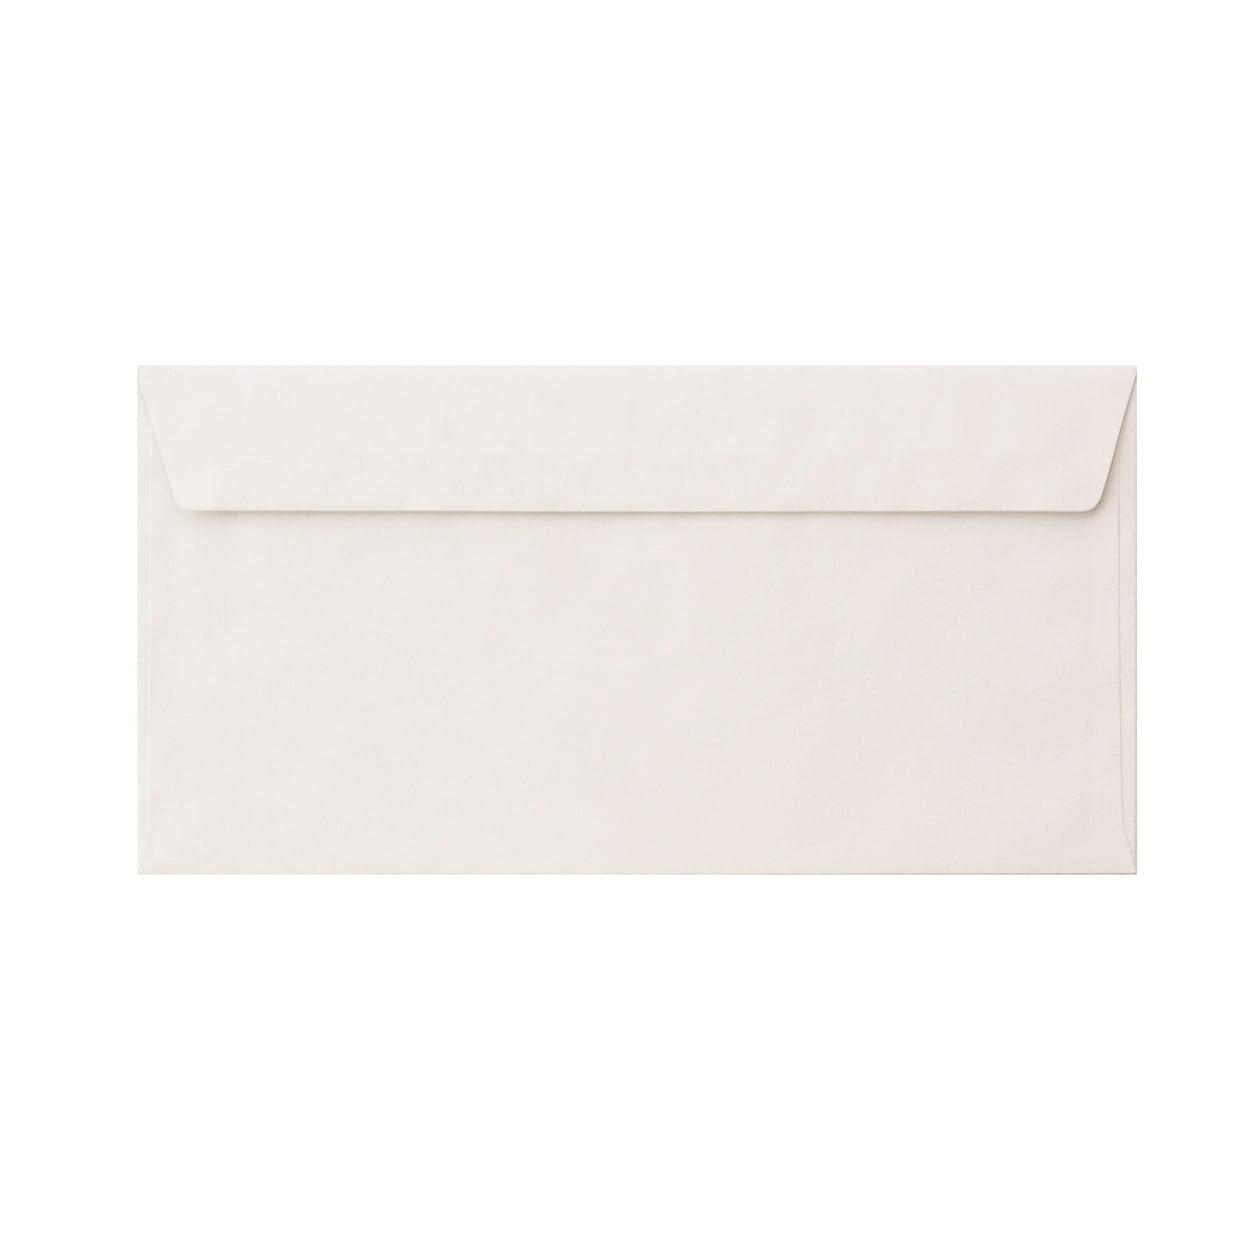 長3カマス34封筒 ハーフカラー99 ホワイト 81.4g